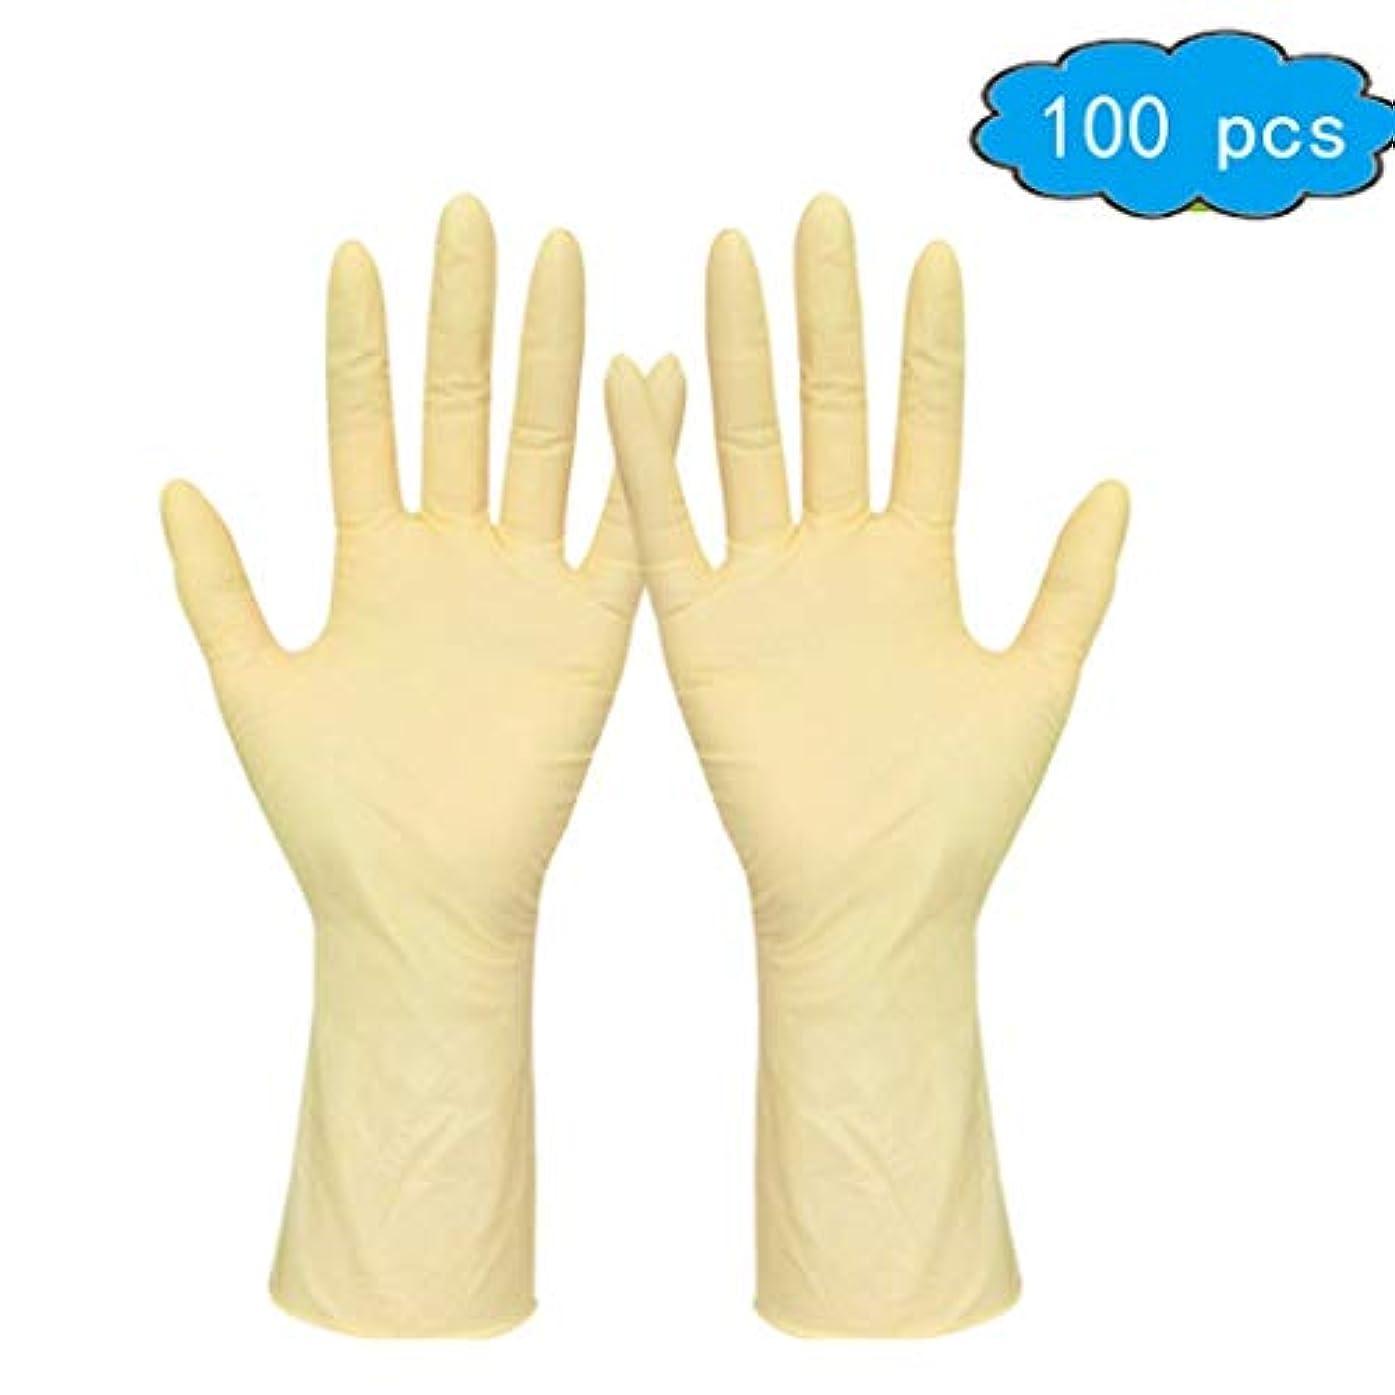 ドループ約束する徒歩で使い捨てラテックス手袋 - 100 /パック、ラボ、安全?作業手袋 (Color : Beige, Size : S)